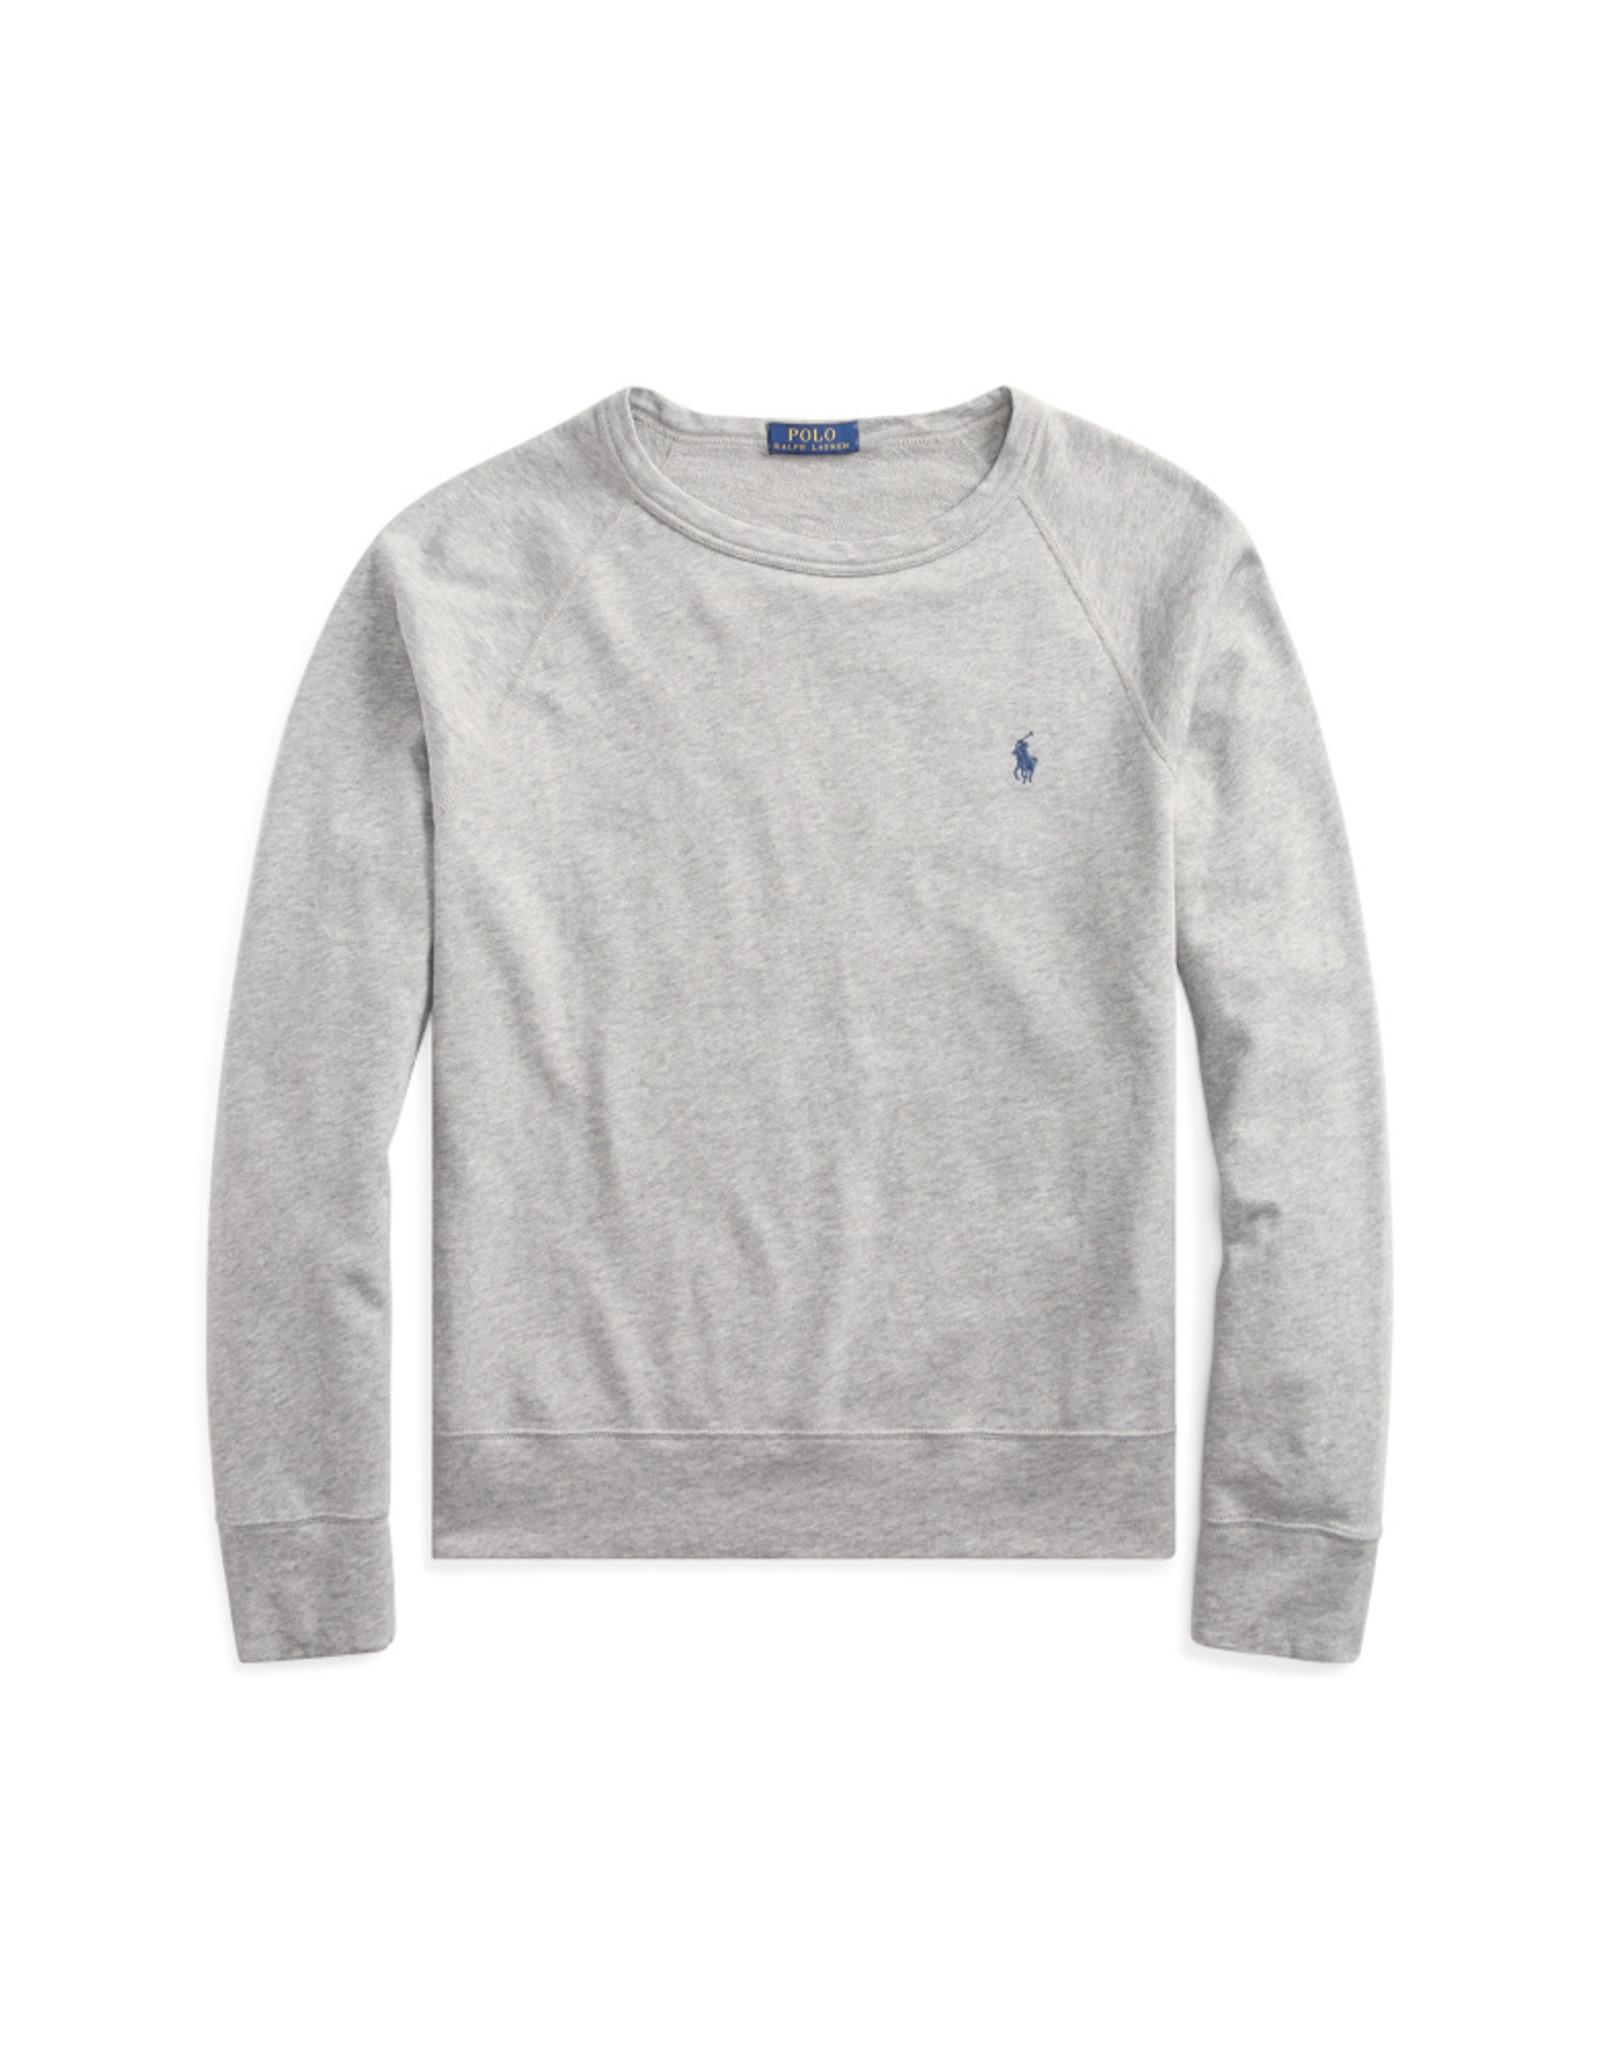 Ralph Lauren Sweater grijs katoen